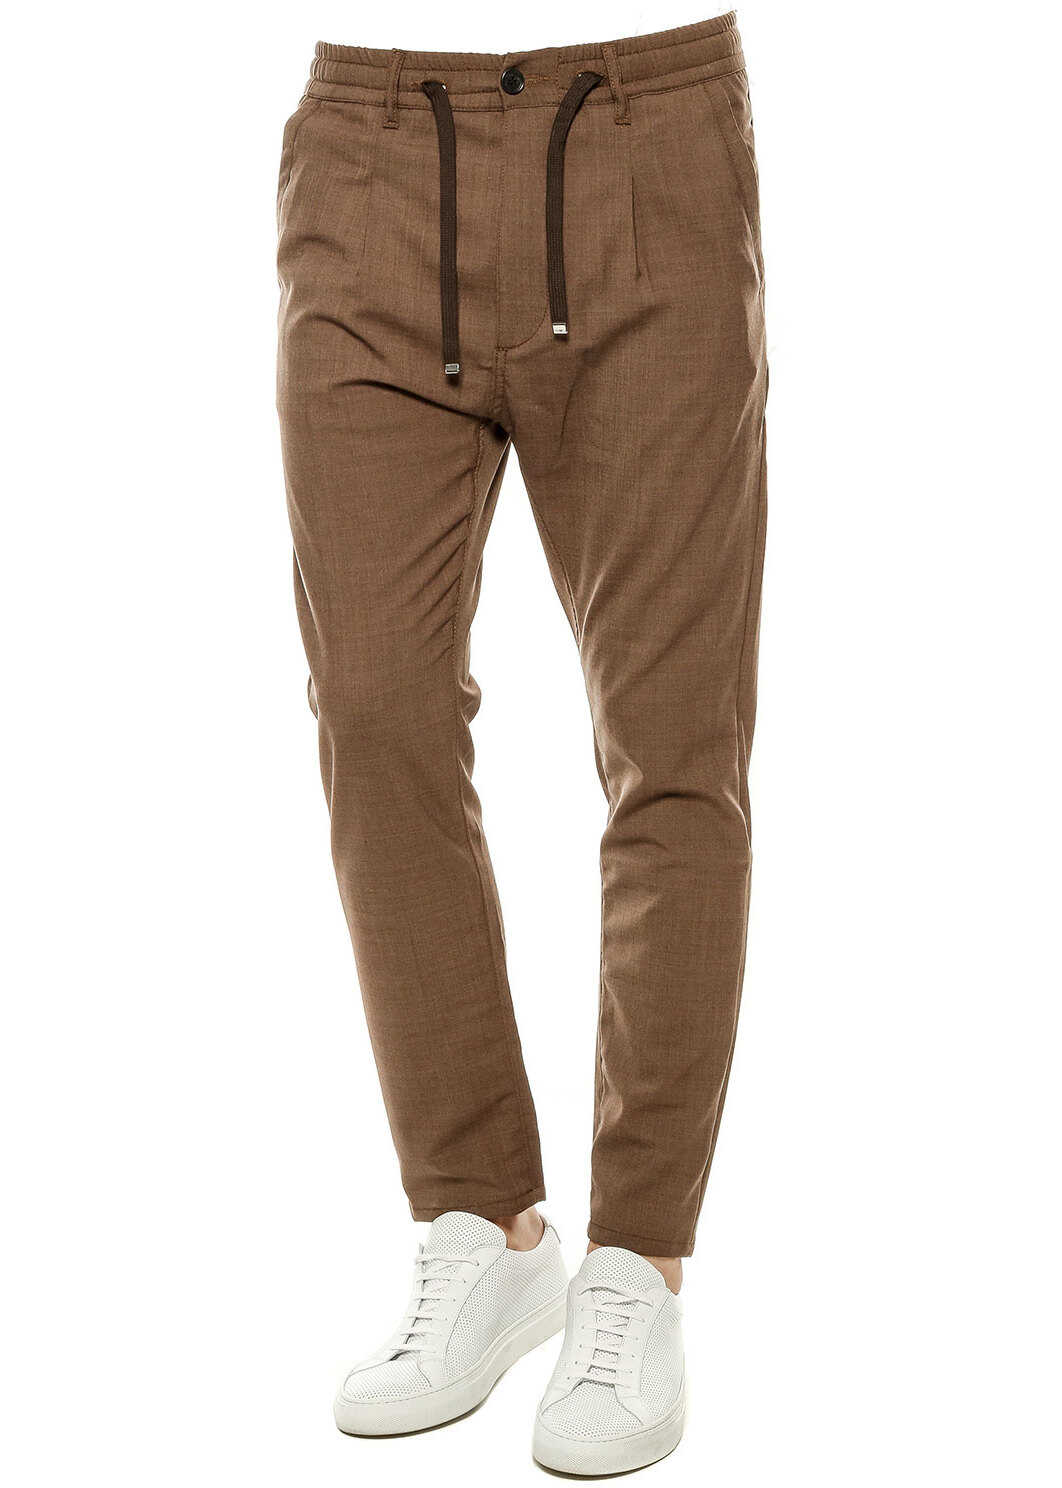 Cruna Wool blend pants* Brown